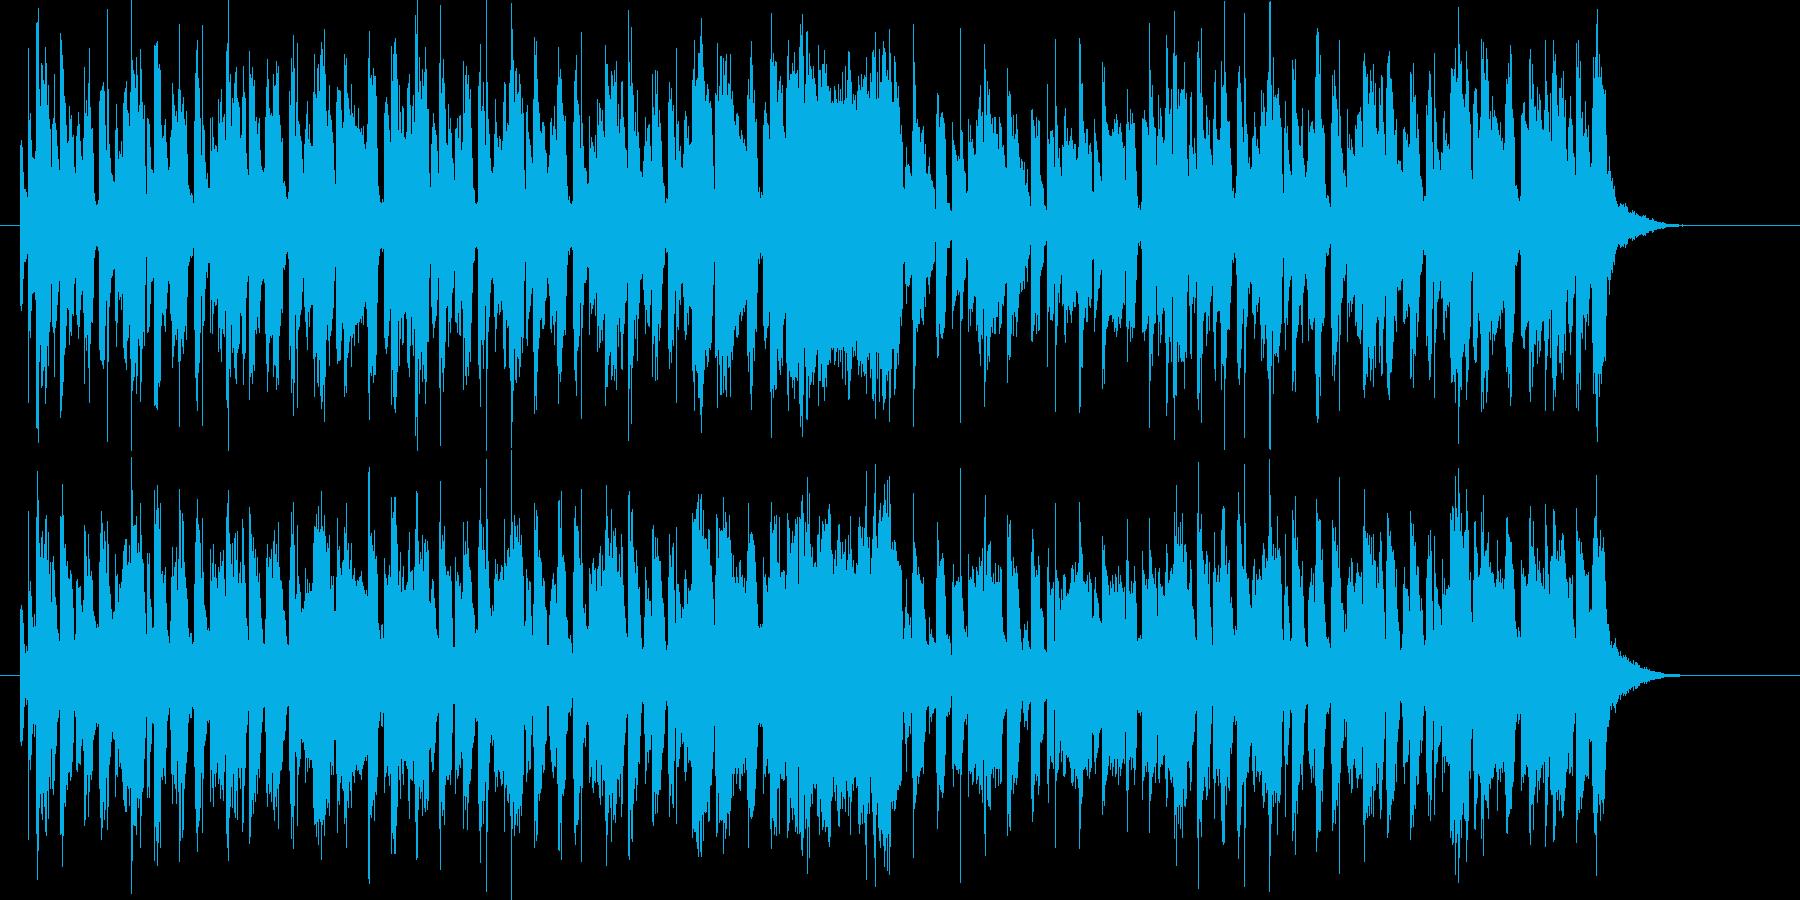 明るくエレクトーンが印象的なBGMの再生済みの波形